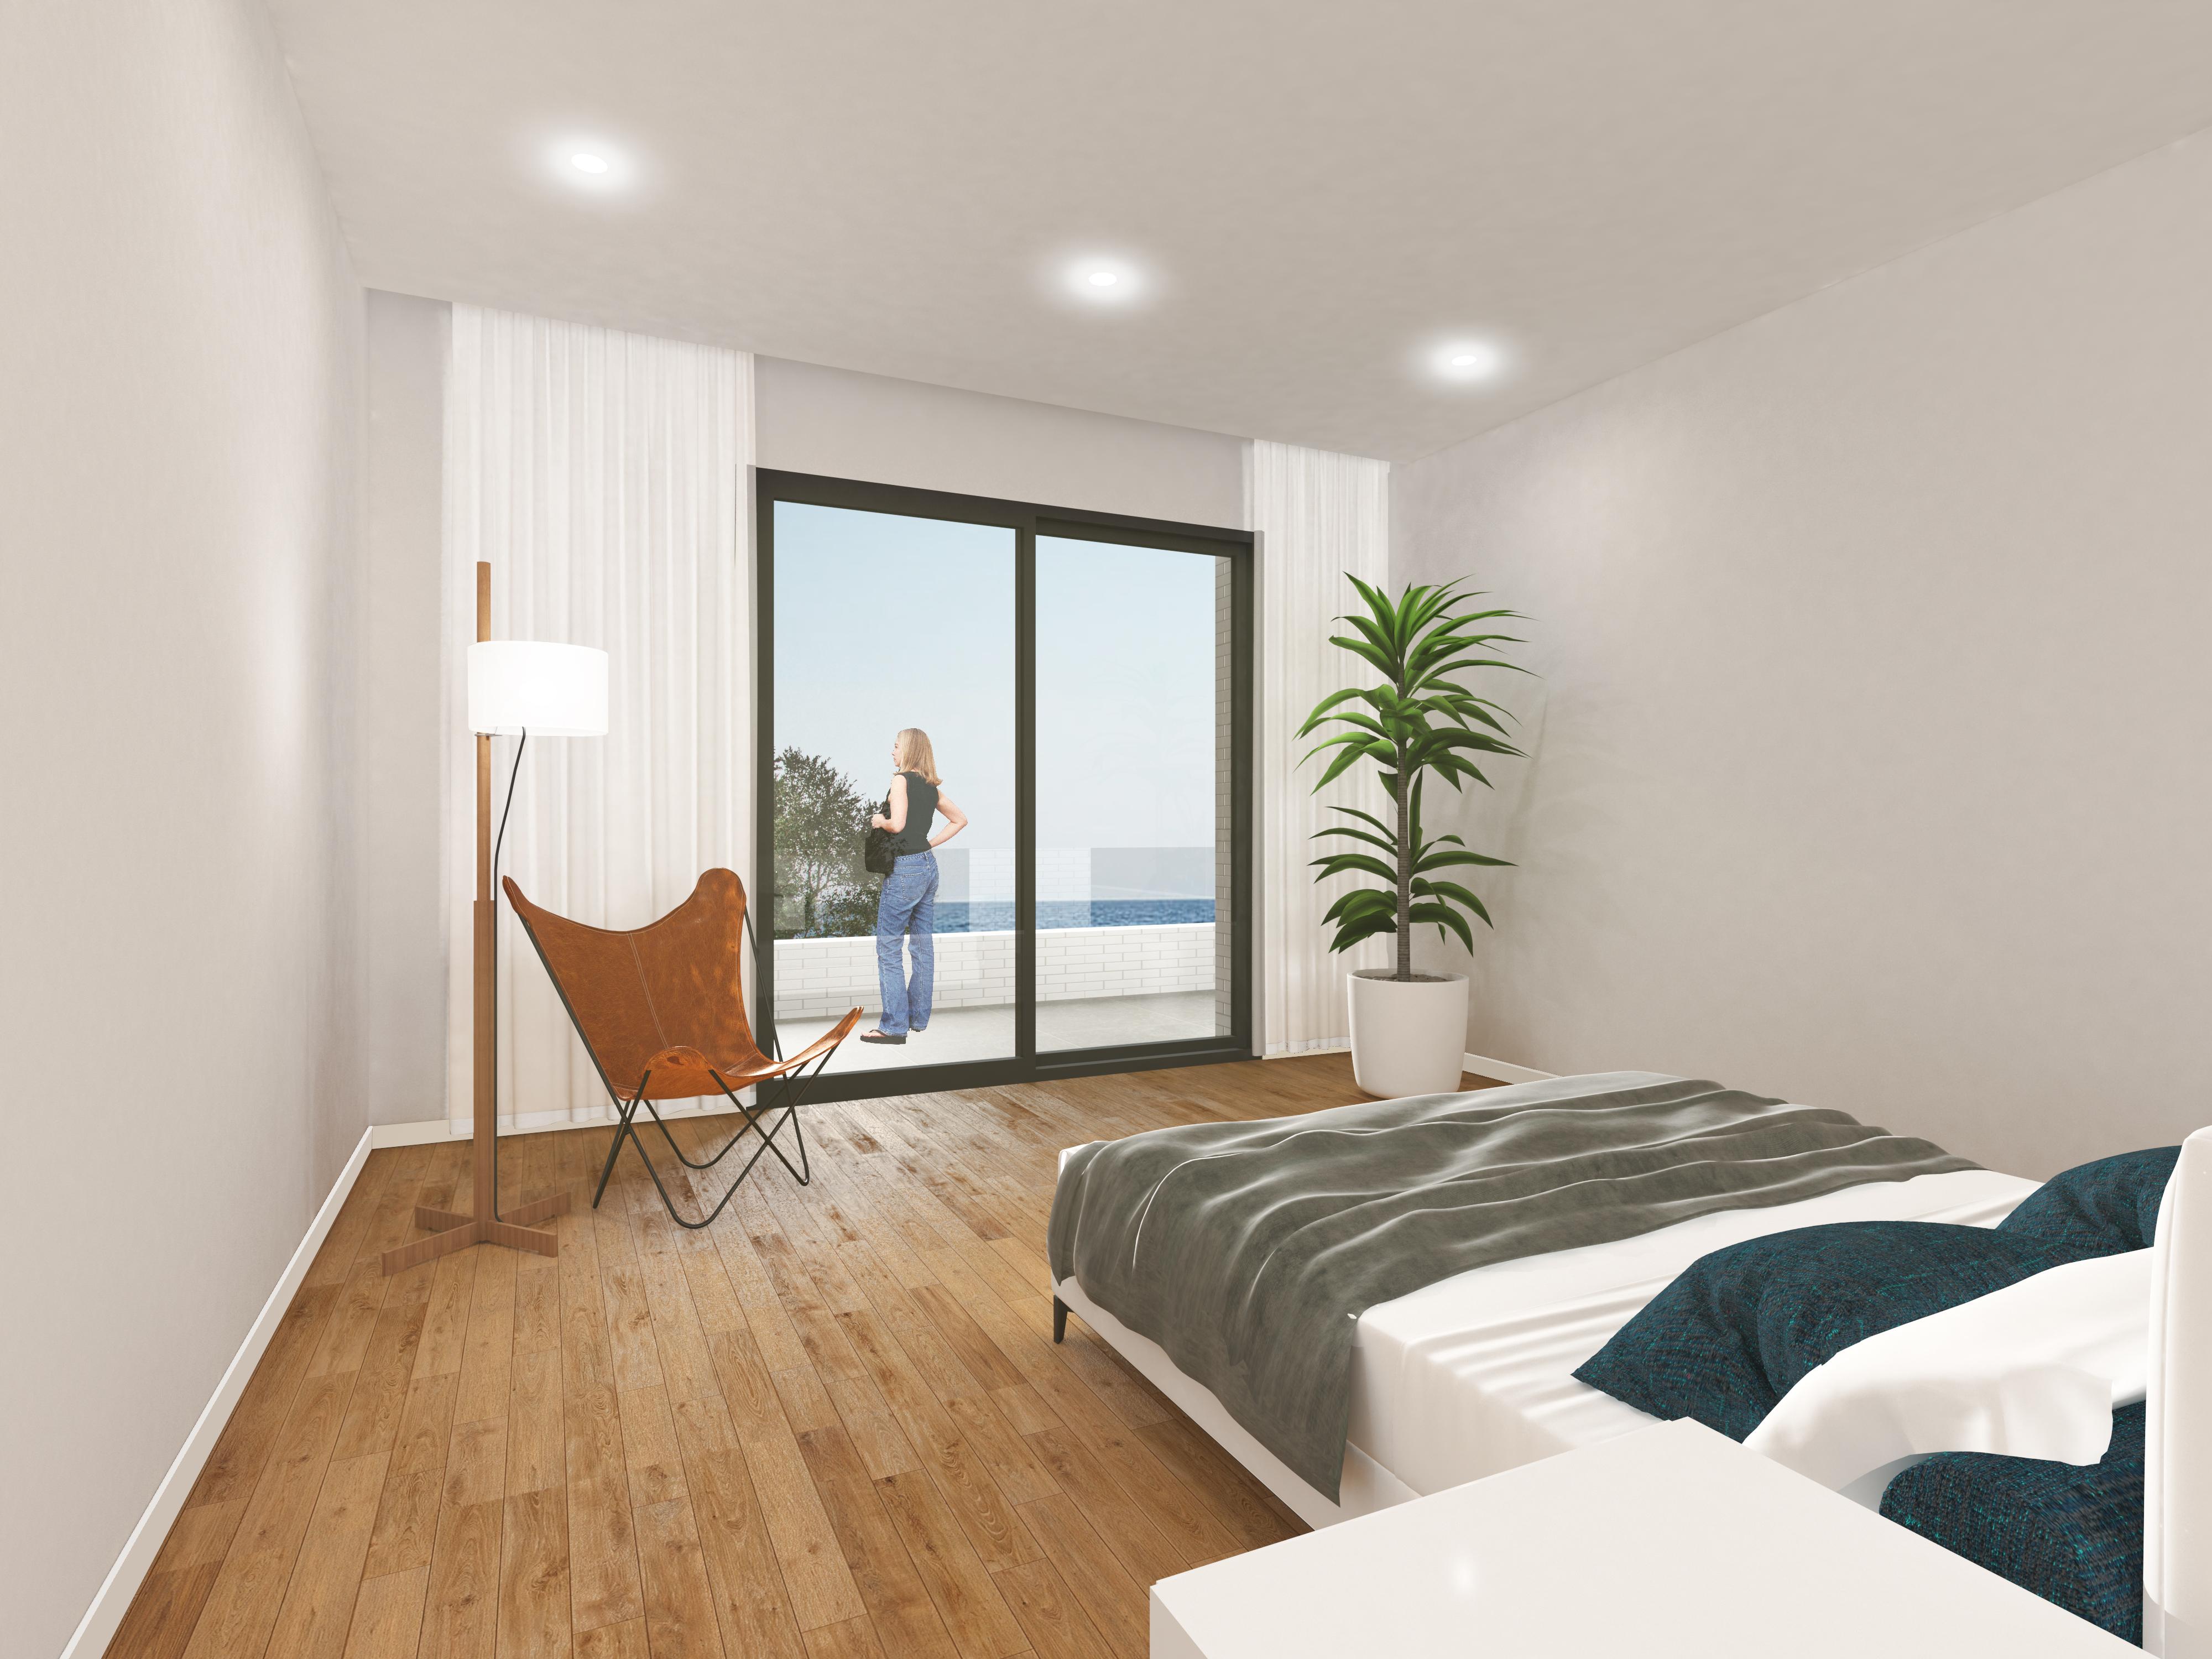 R habitacio 1 - DEF